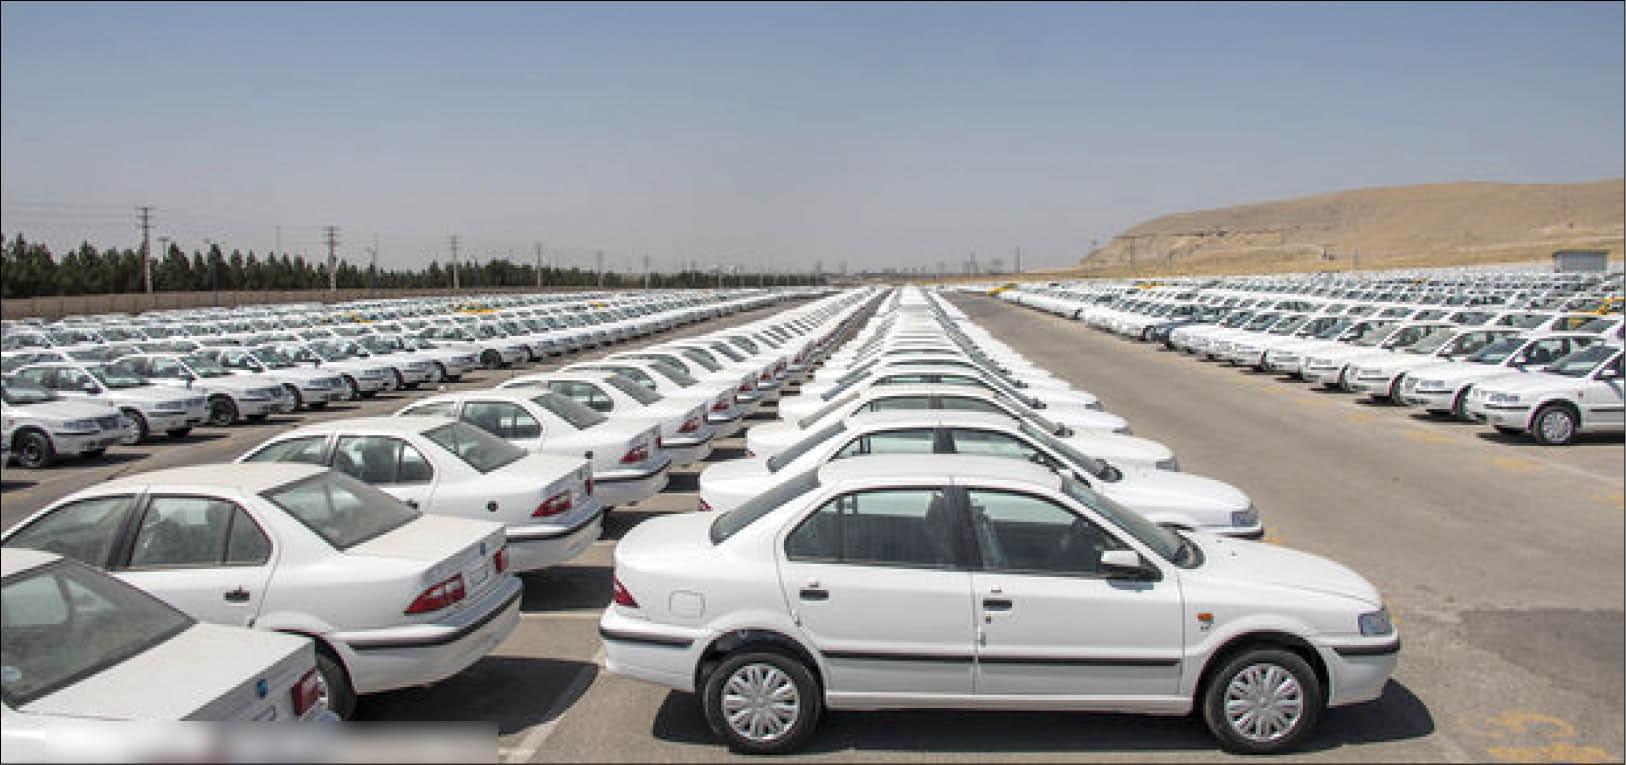 بازار خودرو به آرامش میرسد؟